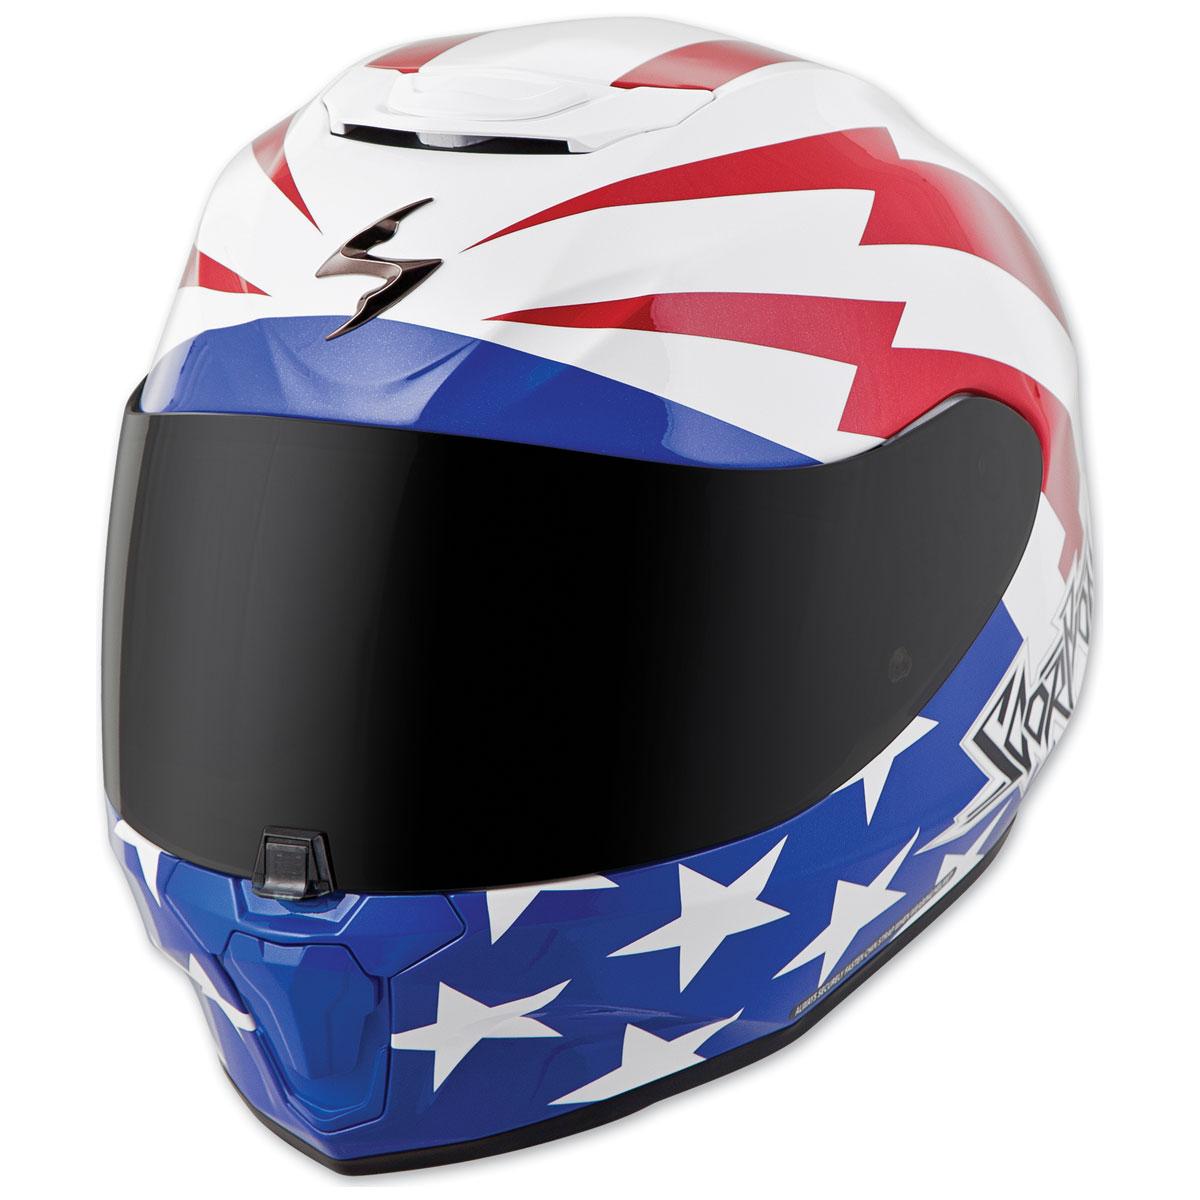 Scorpion EXO EXO-R420 Tracker White/Red/Blue Full Face Helmet